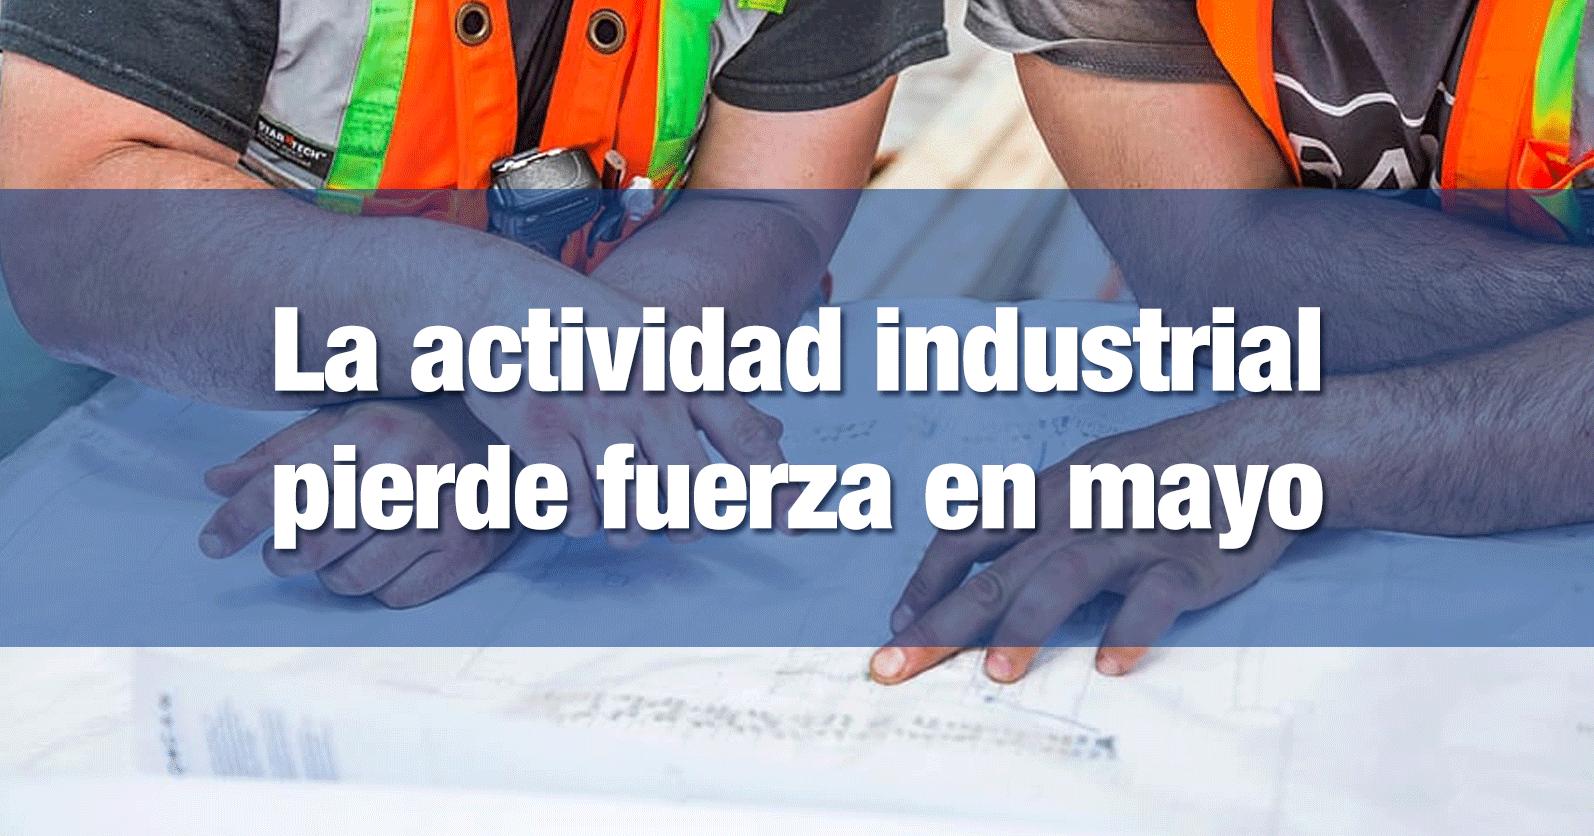 La actividad industrial pierde fuerza en mayo